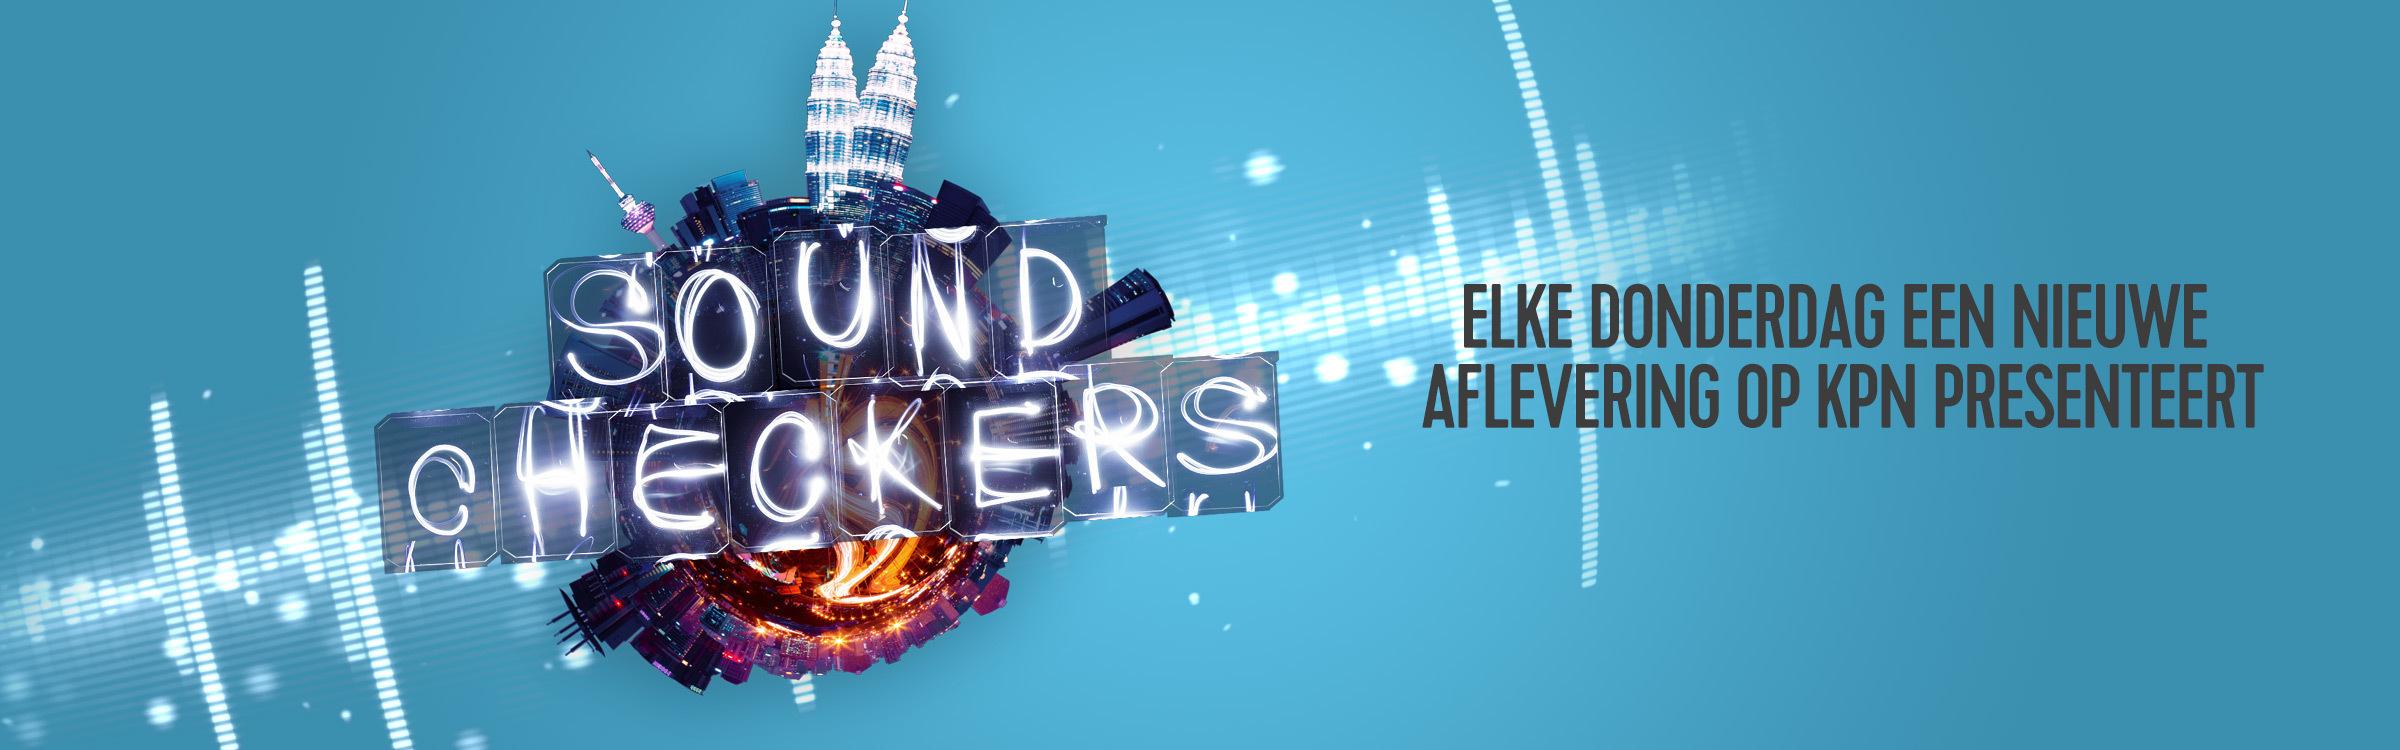 Qmusic actionheader soundcheckers  1